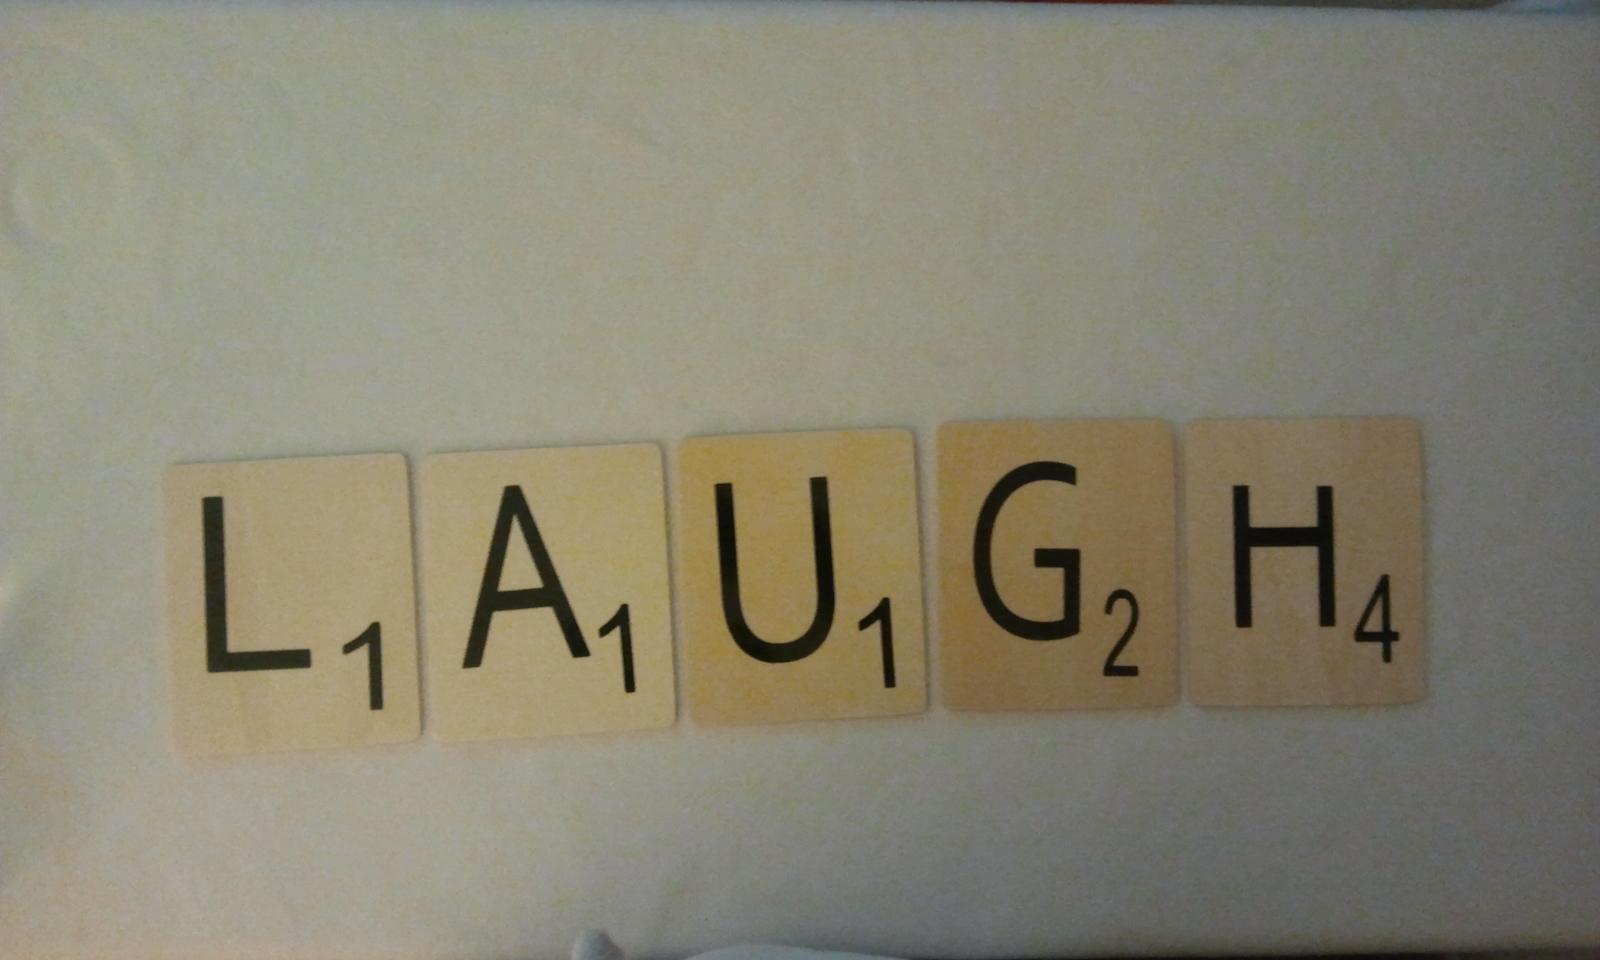 Scrabble Wall Tiles Oh Susannahr Homemade Scrabble Tiles For The Wall